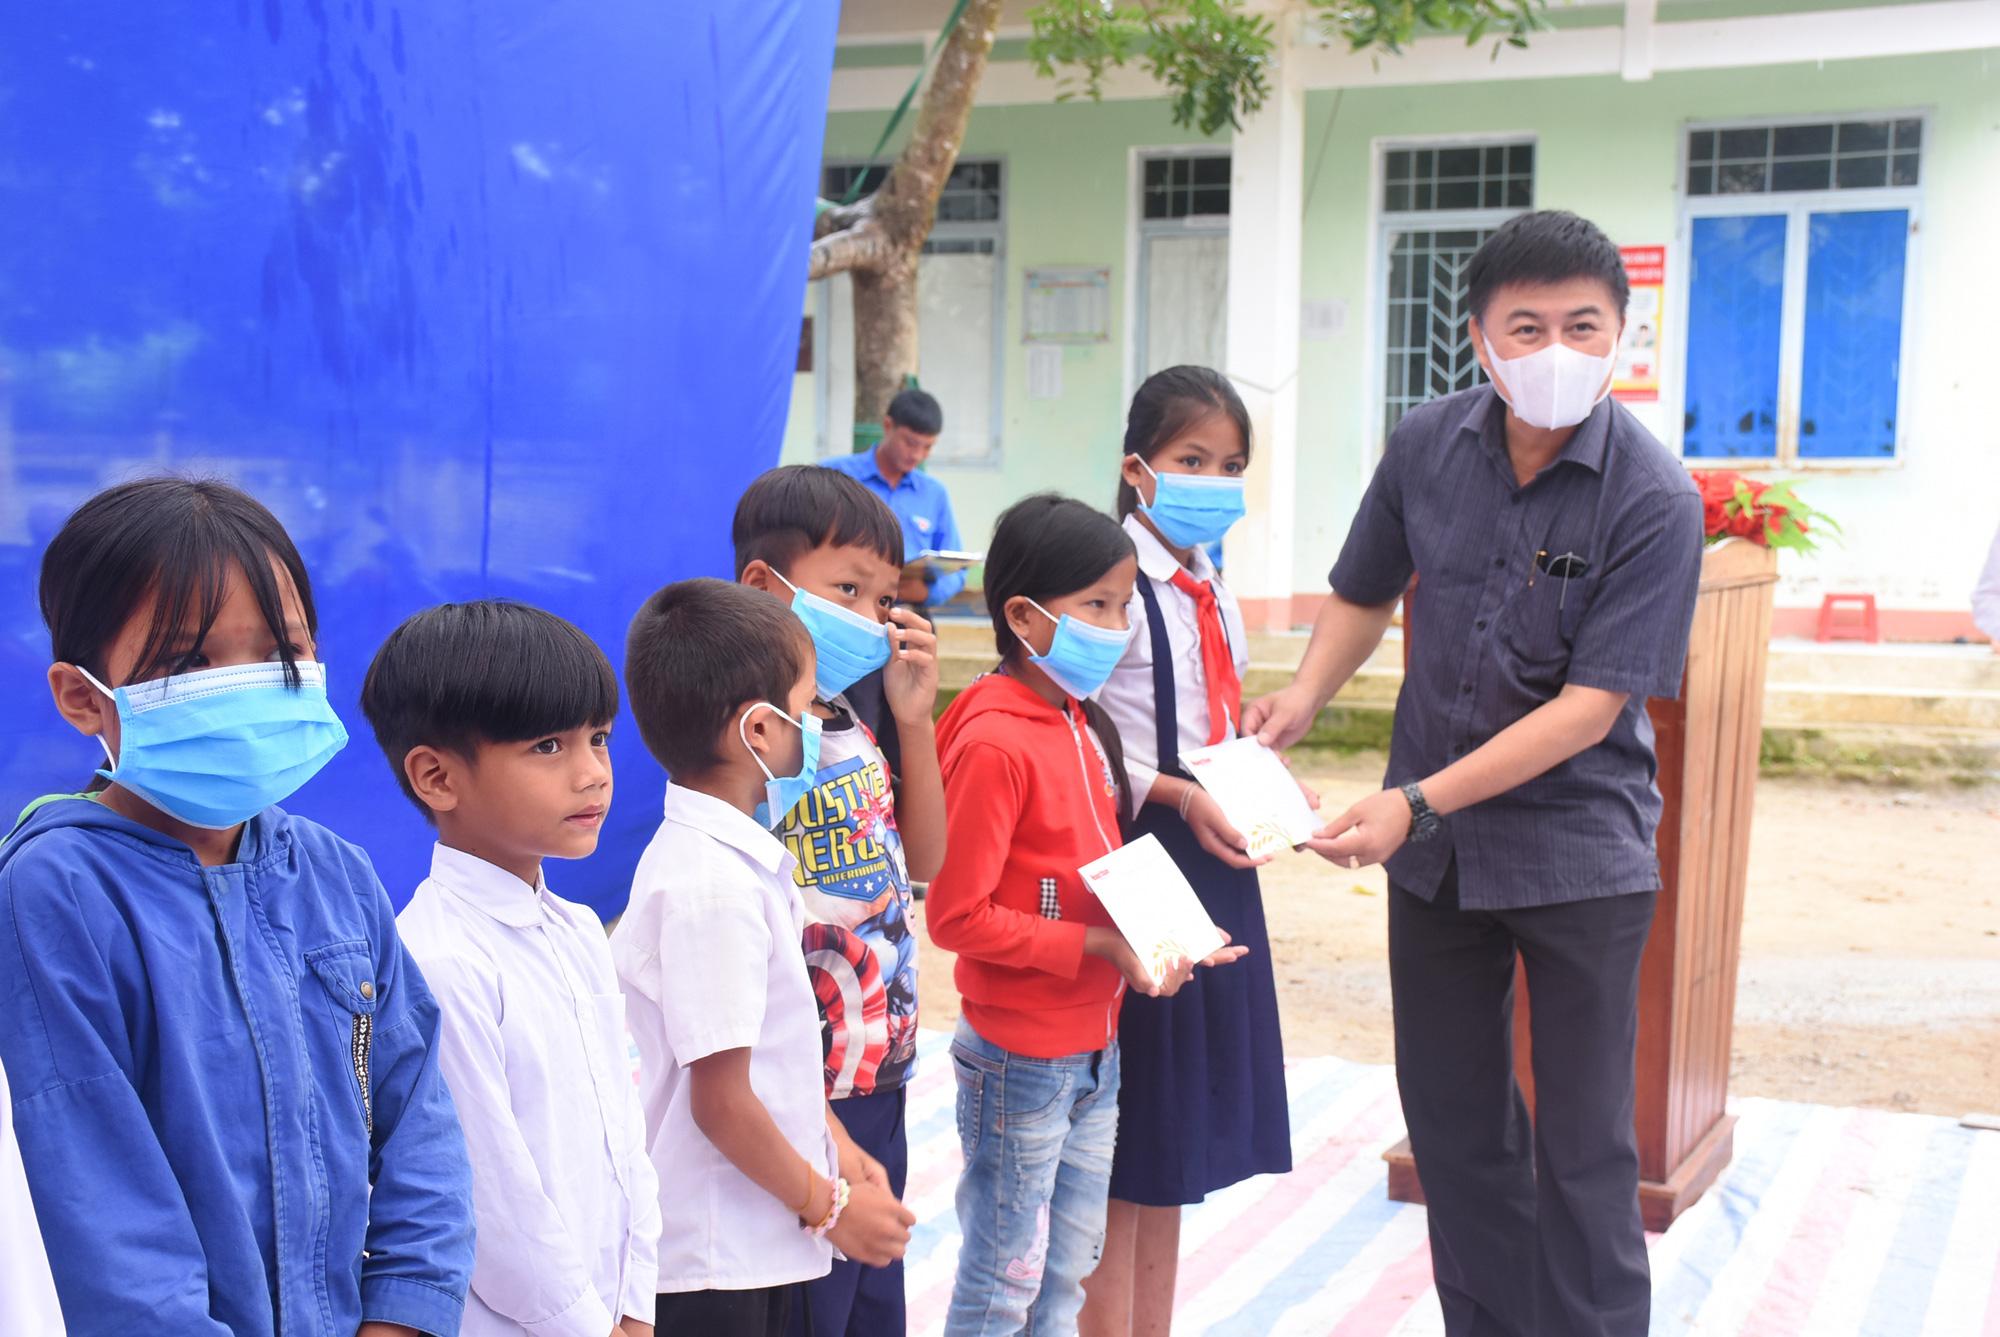 """Báo NTNN/Dân Việt - Quỹ Thiện Tâm khánh thành """"Điểm trường mơ ước"""" tại Kon Tum - Ảnh 7."""